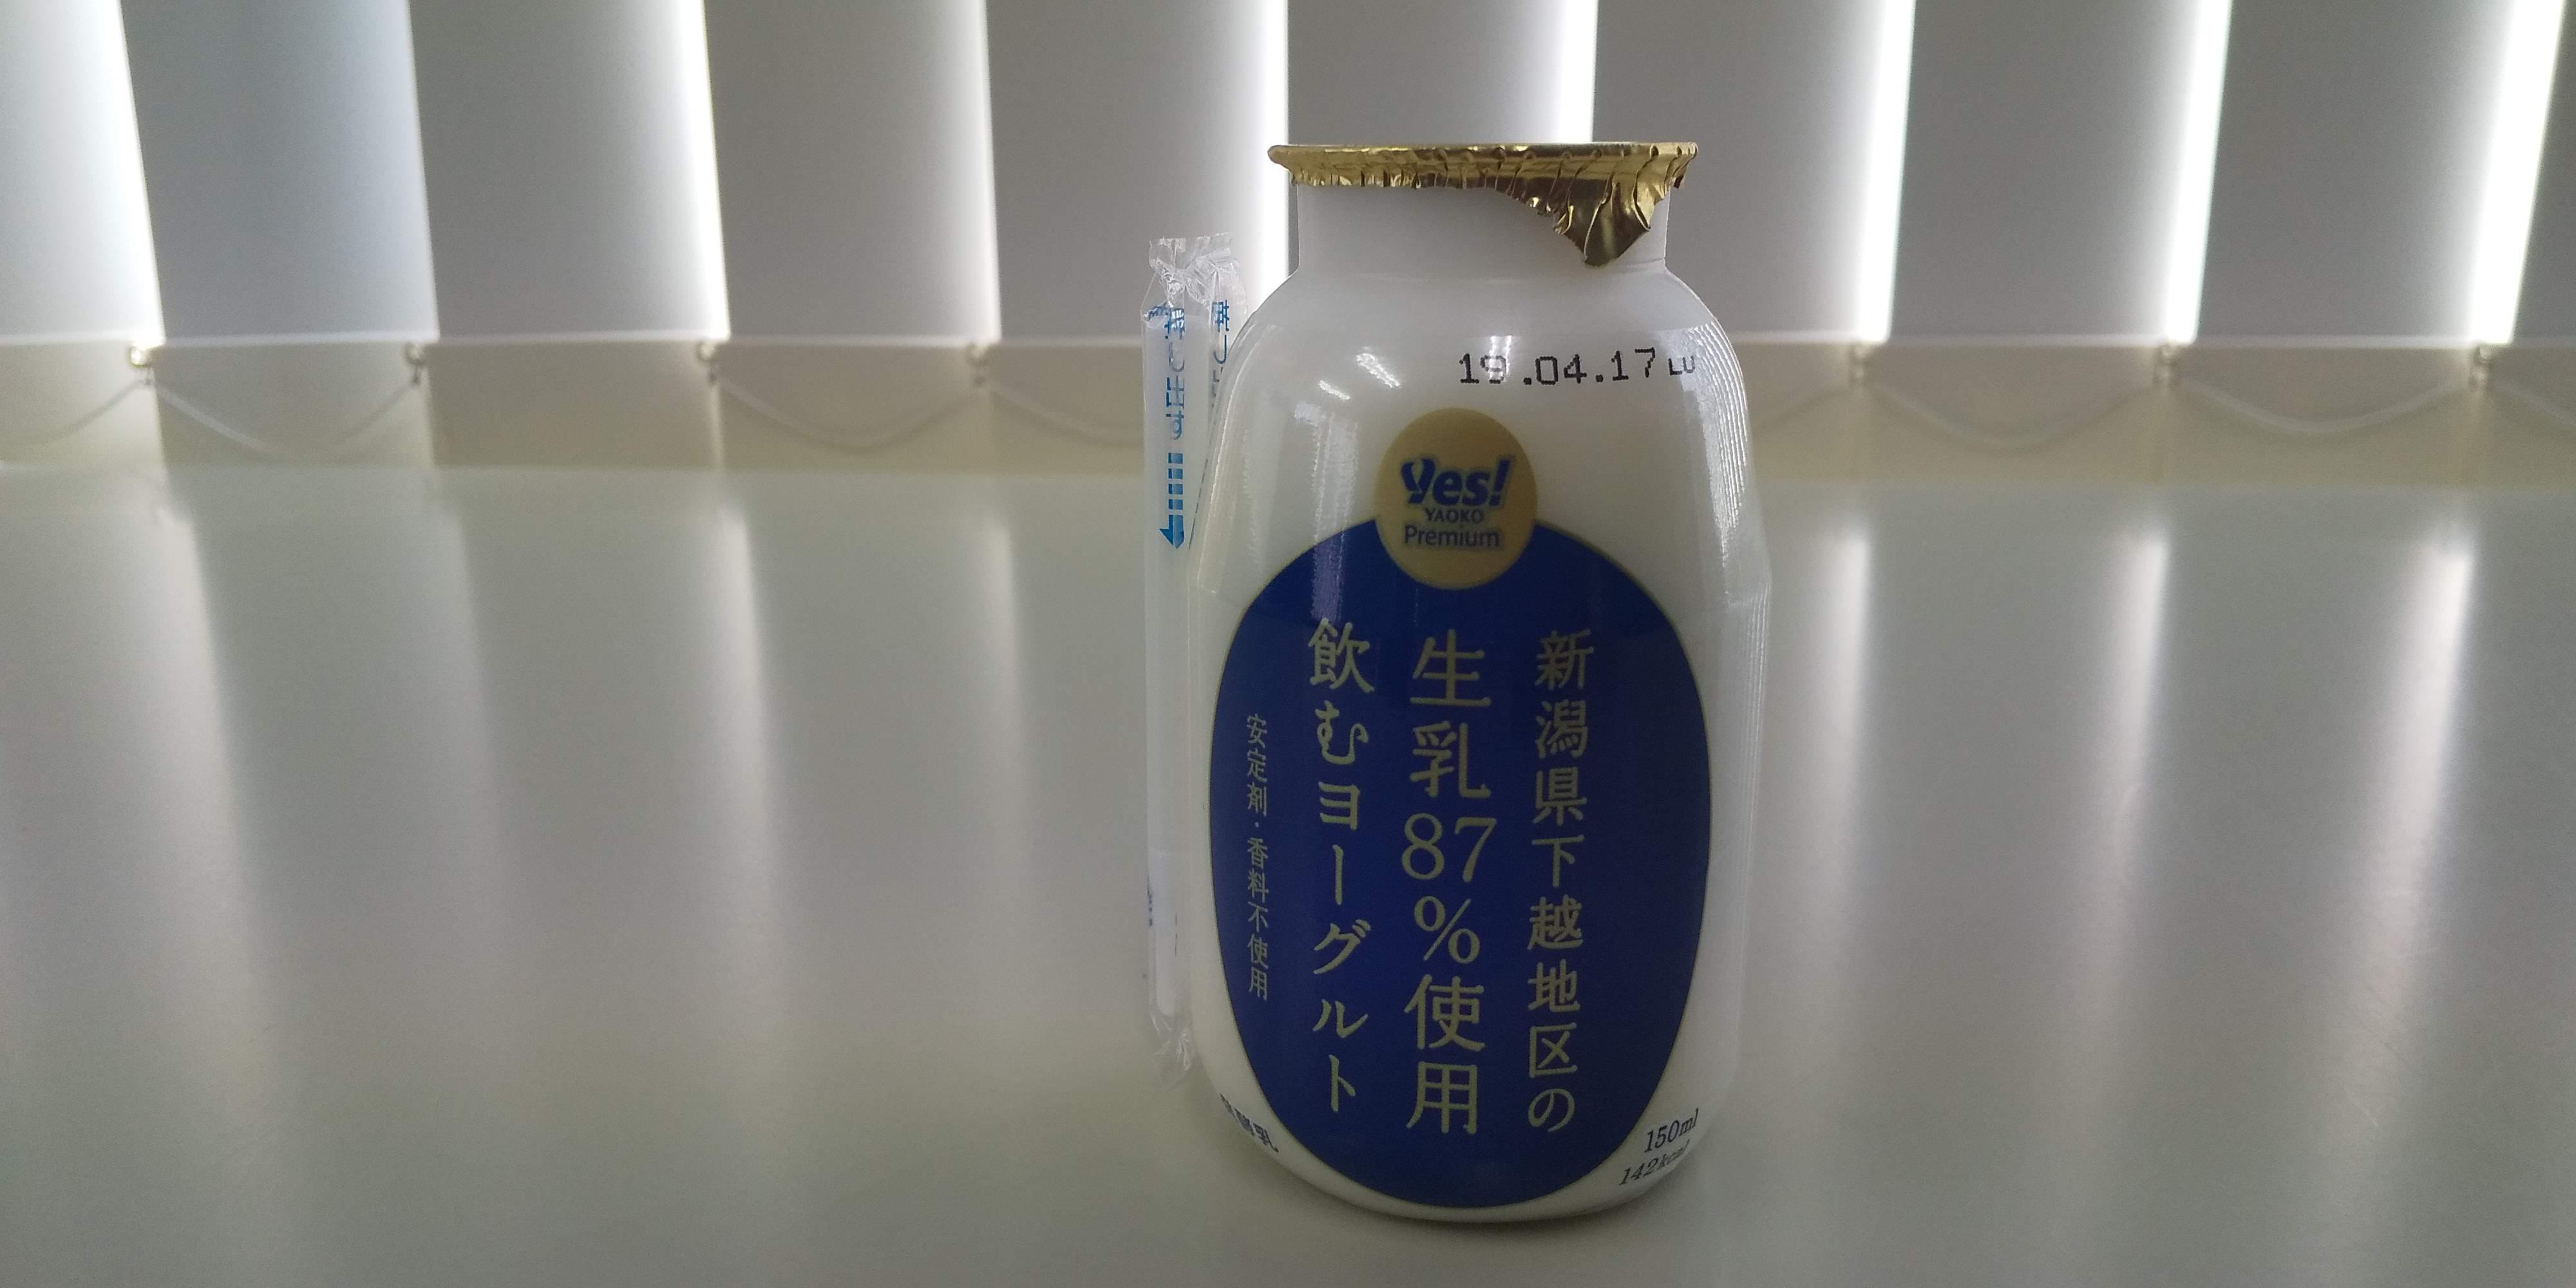 ヤオコー『新潟県下越地区生乳87%使用のむヨーグルト』レビュー